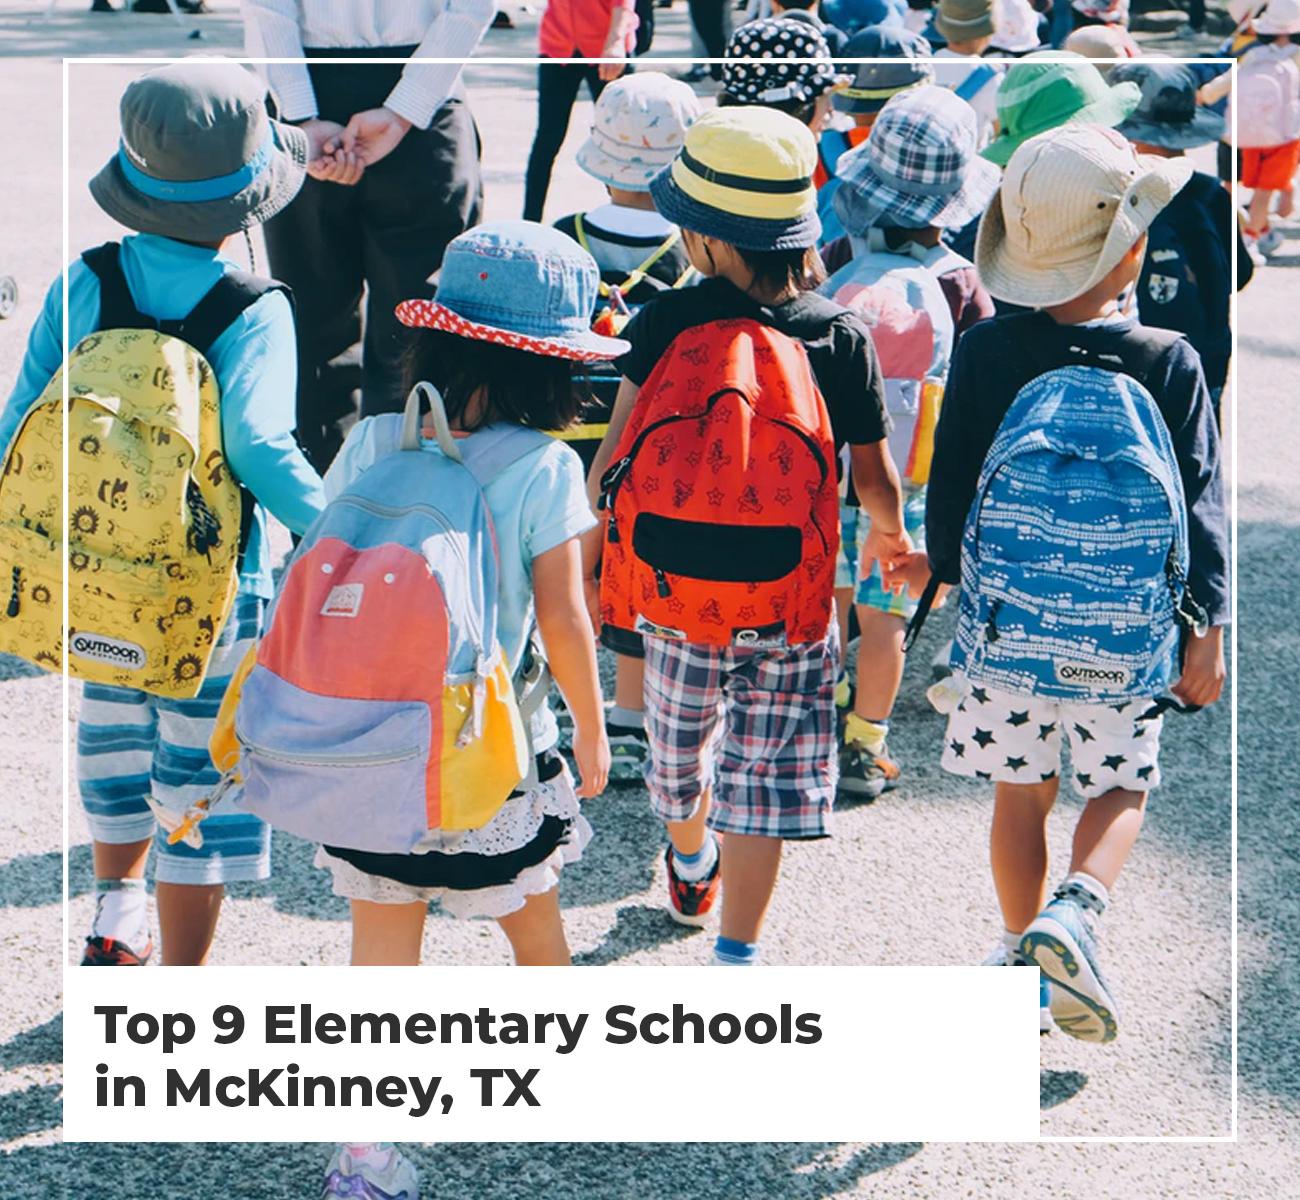 Elementary School Guide McKinney, TX